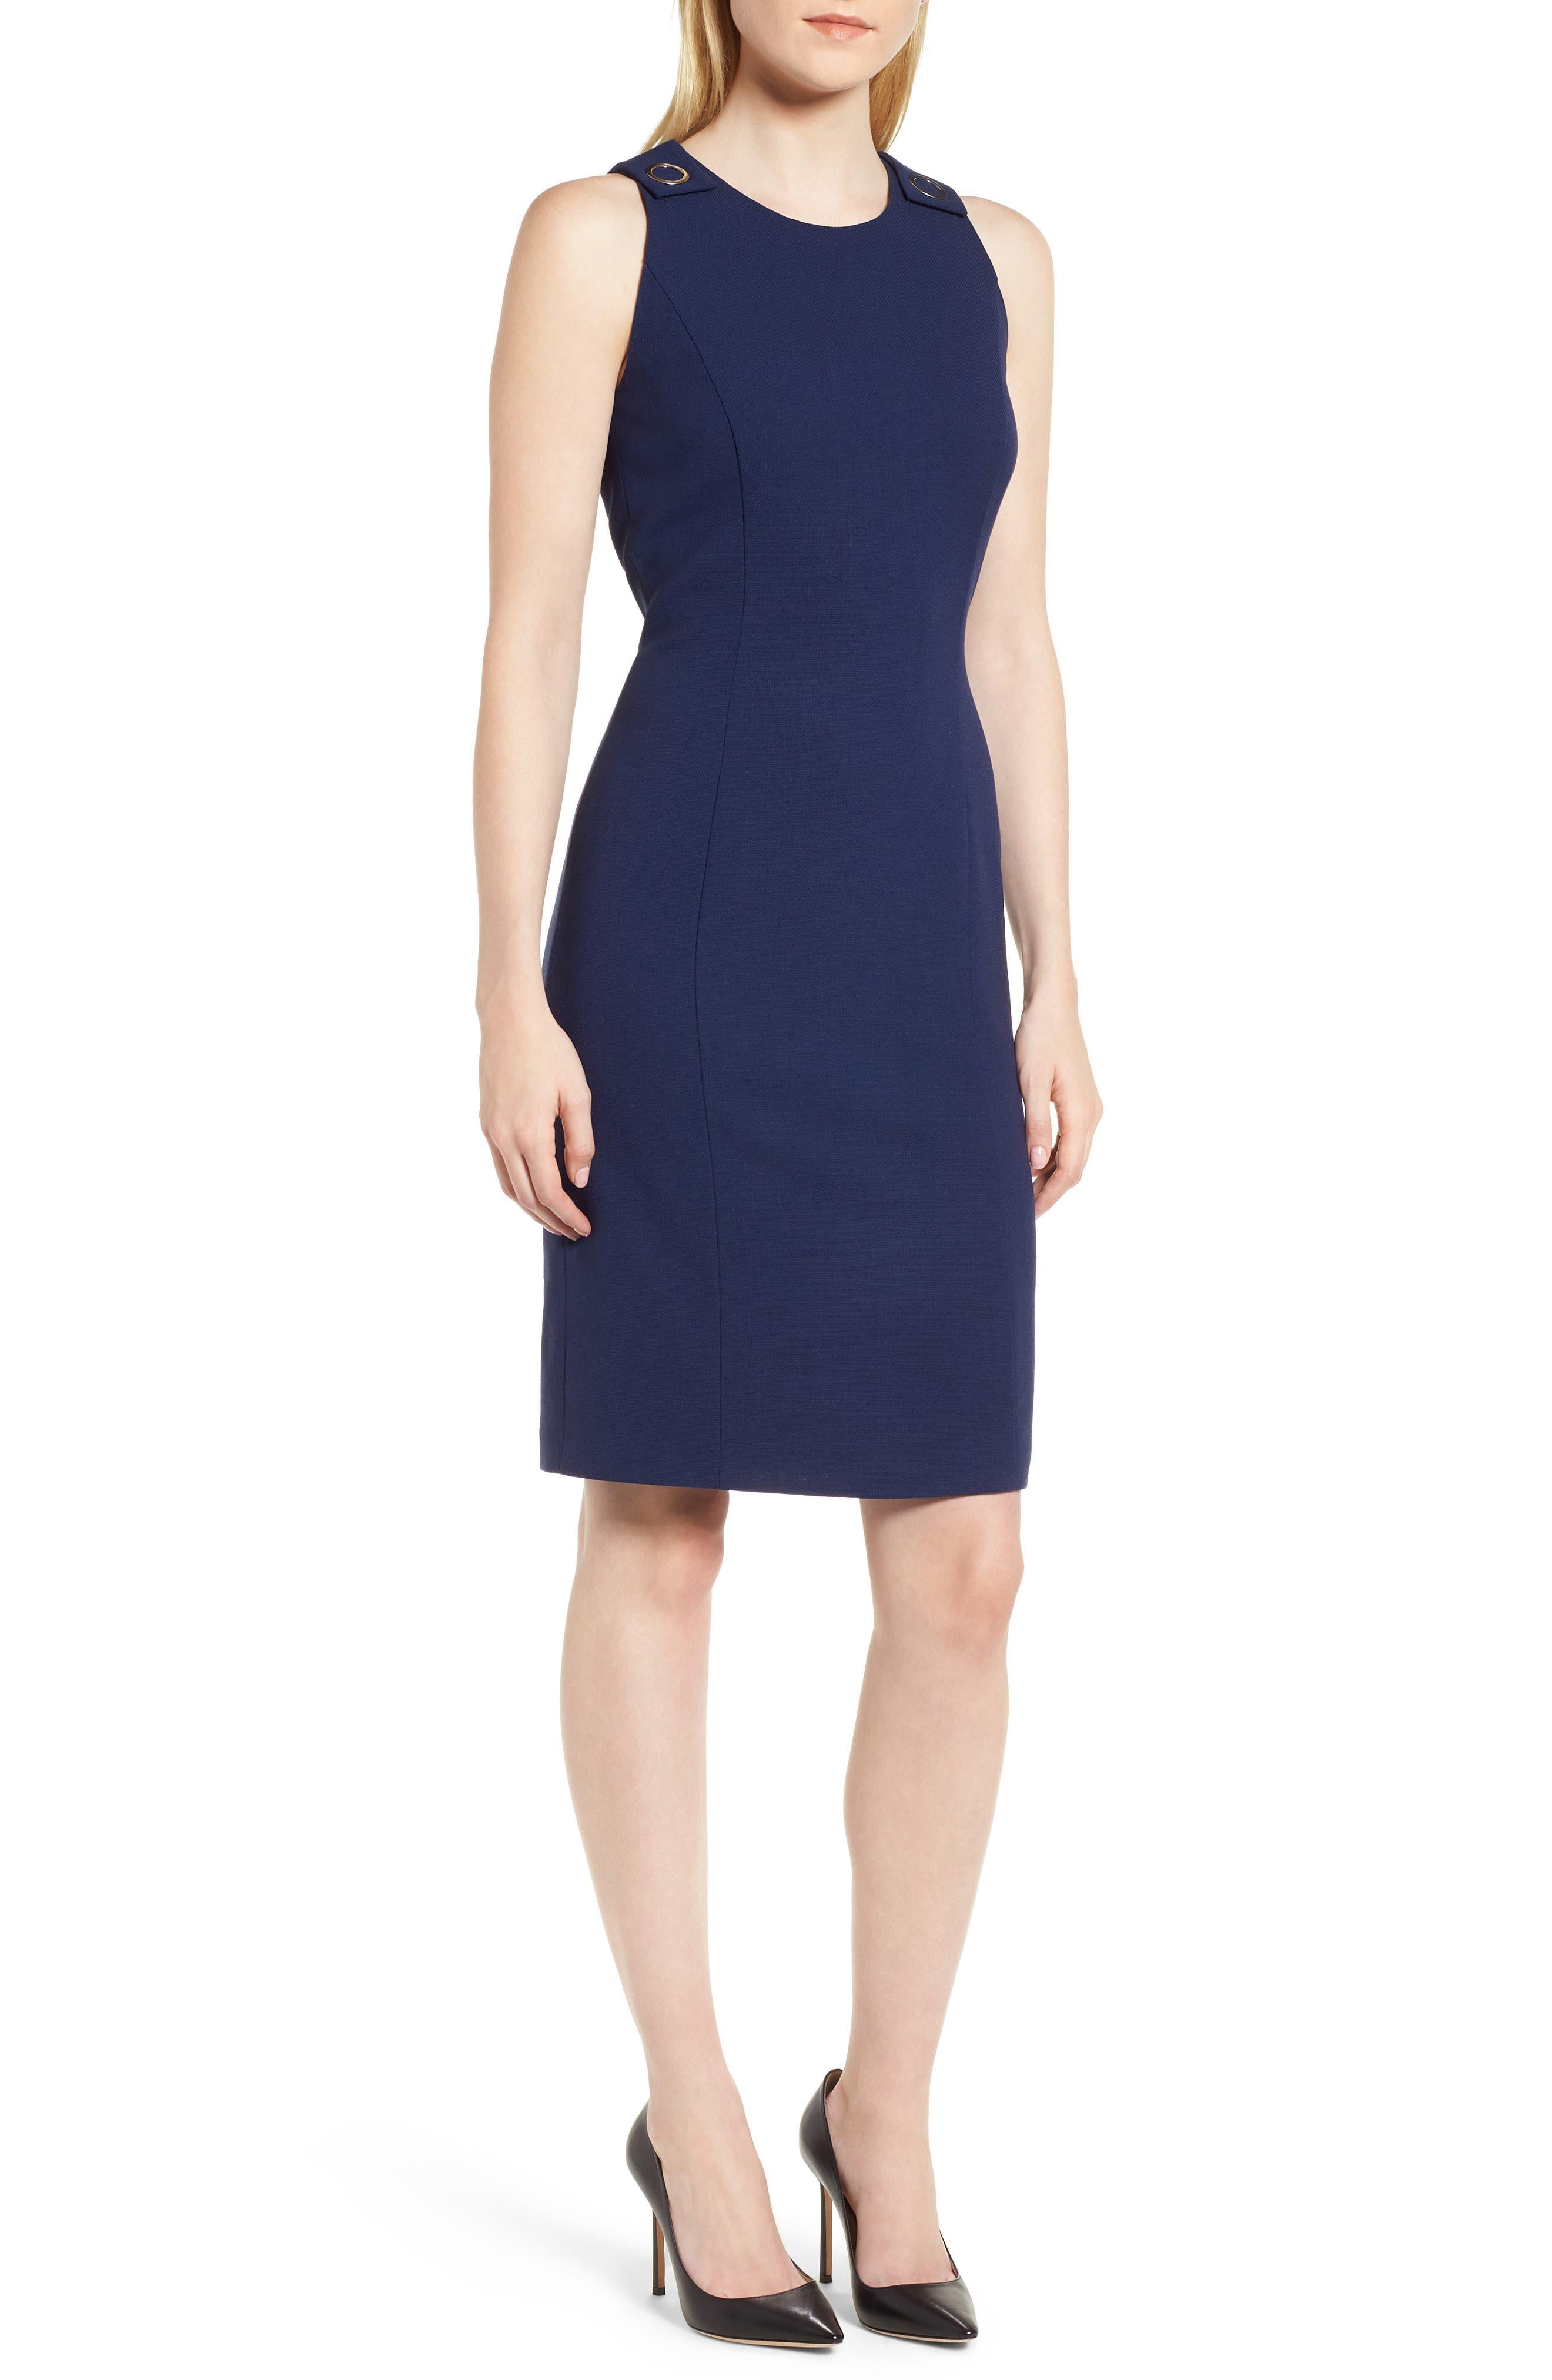 Dibalena Texture Stretch Dress,                         Main,                         color,